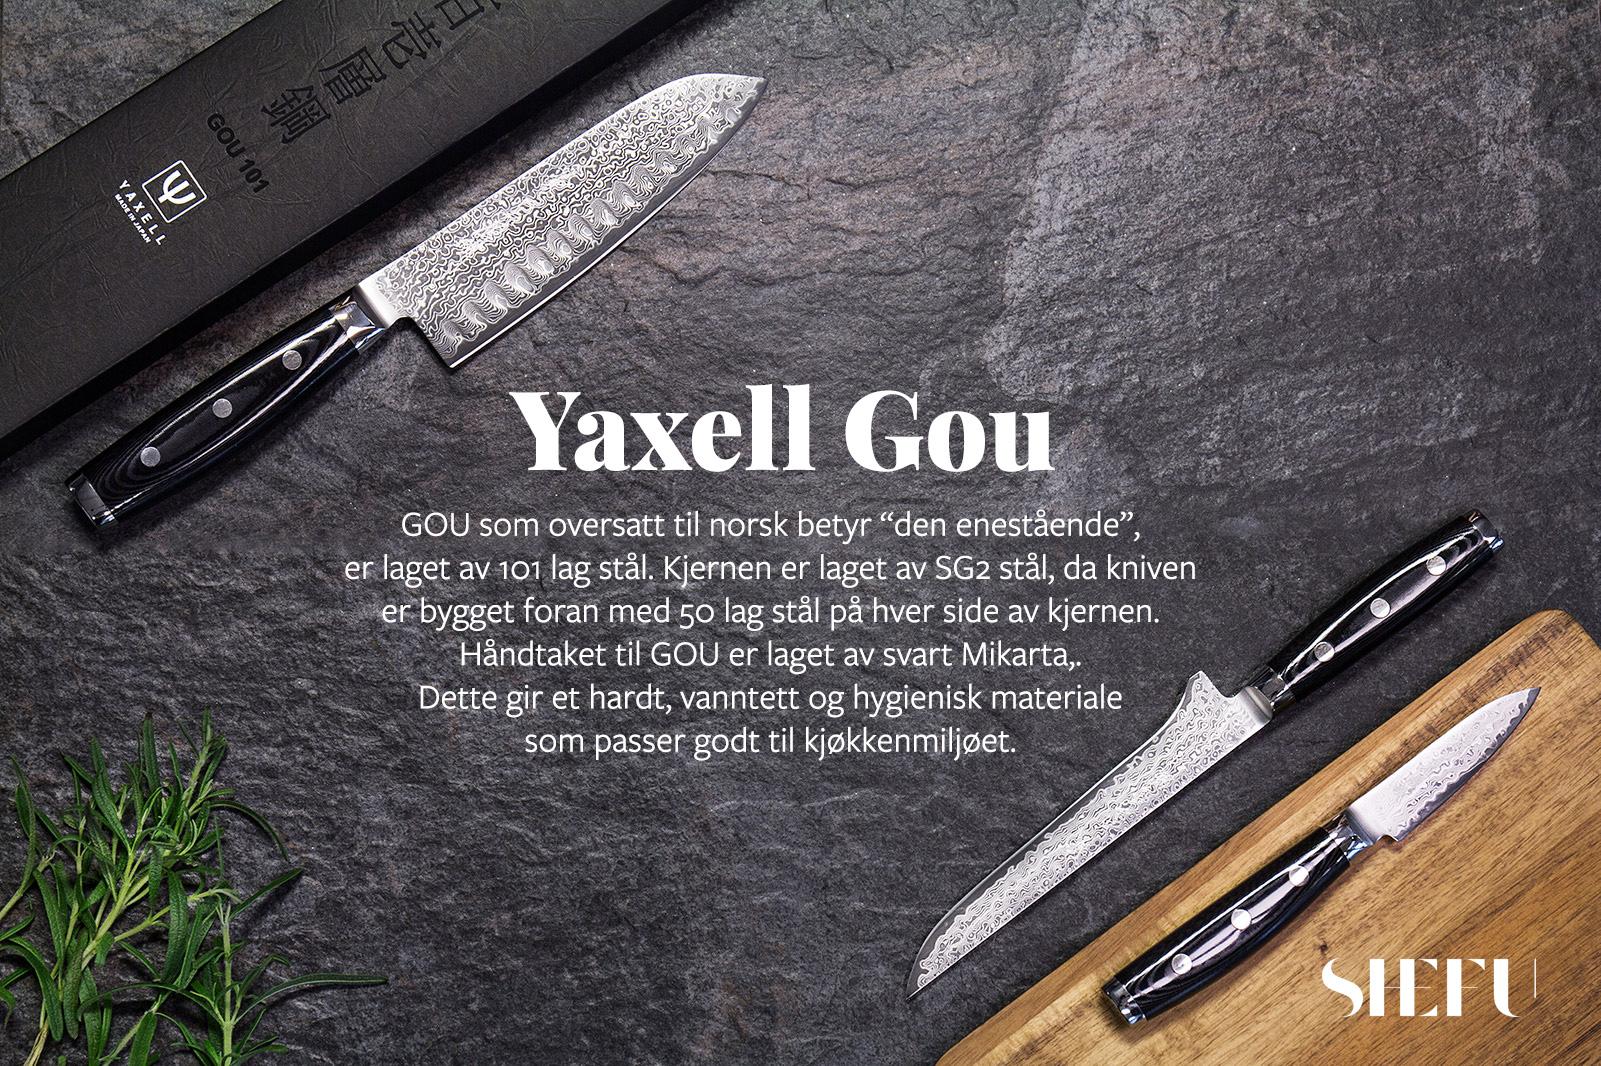 Yaxell-gou-shefu